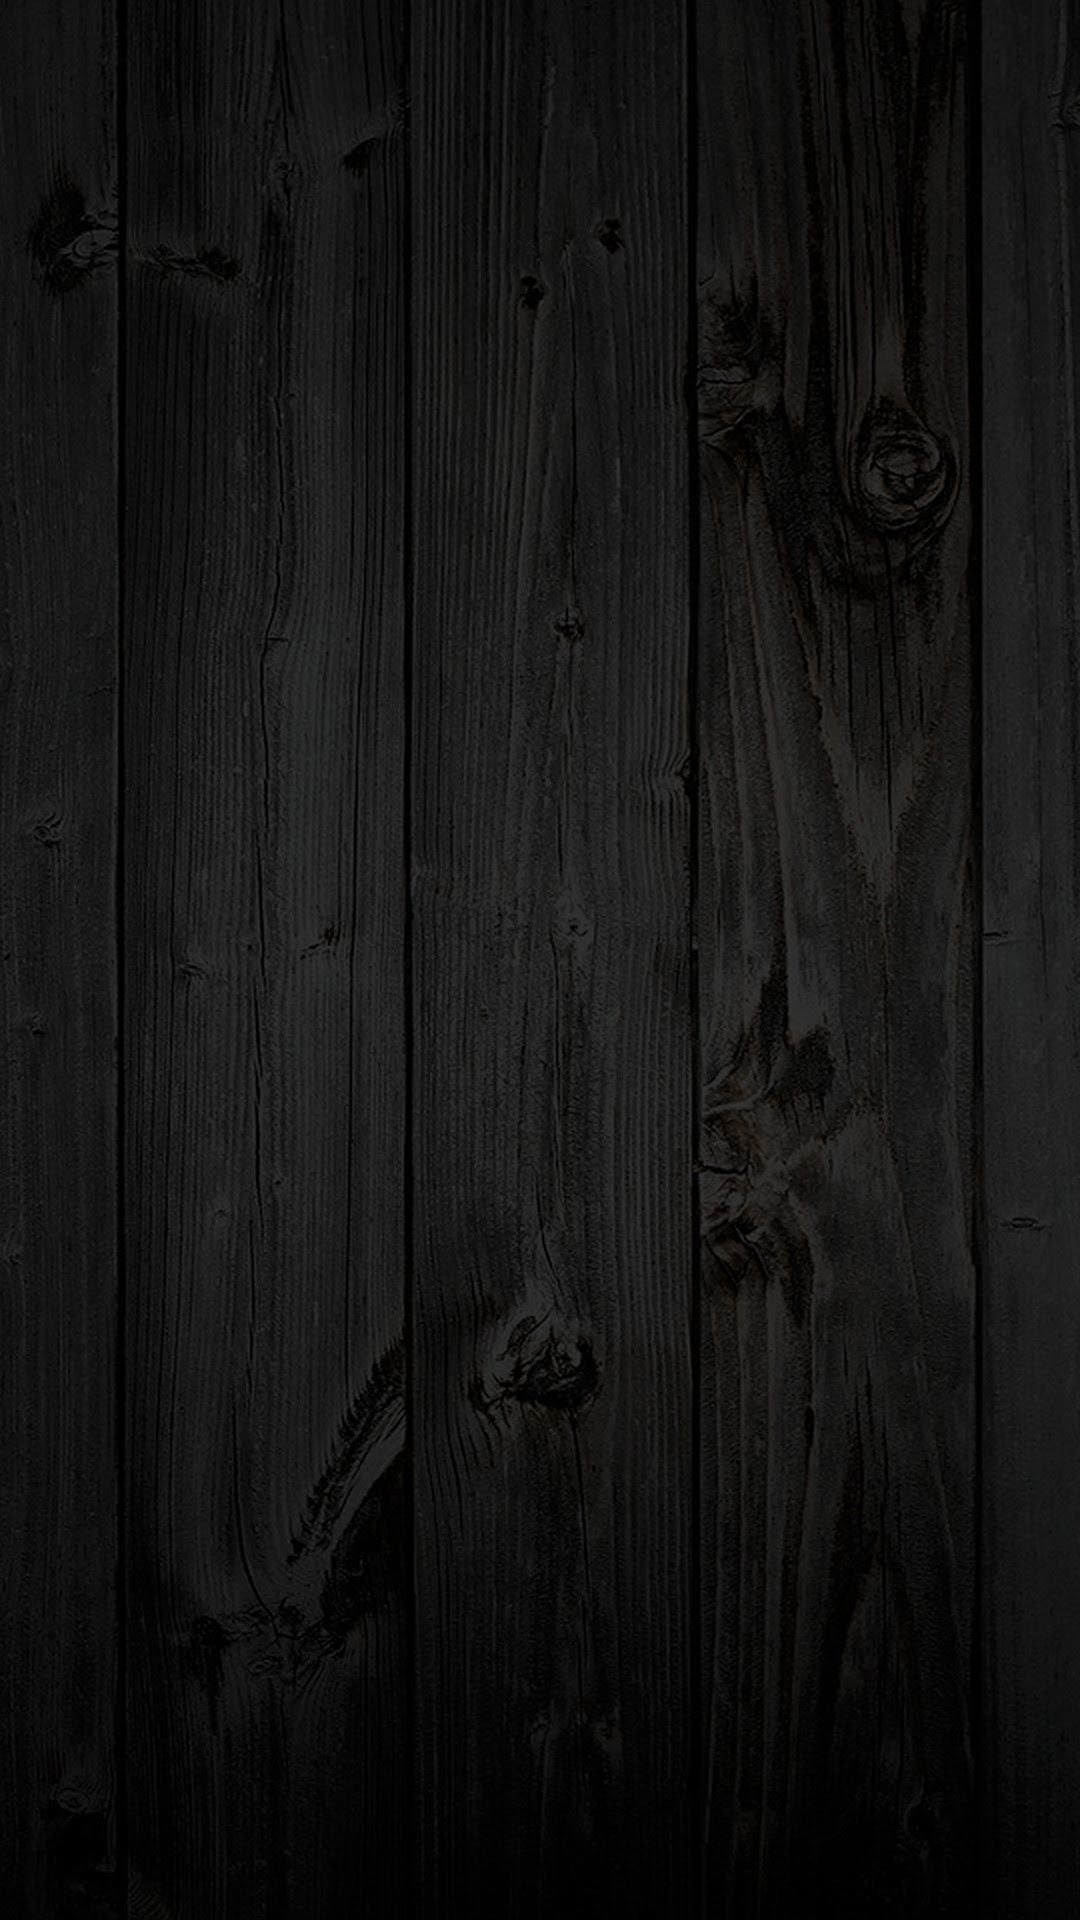 Dark Woods Wallpaper (66+ images)